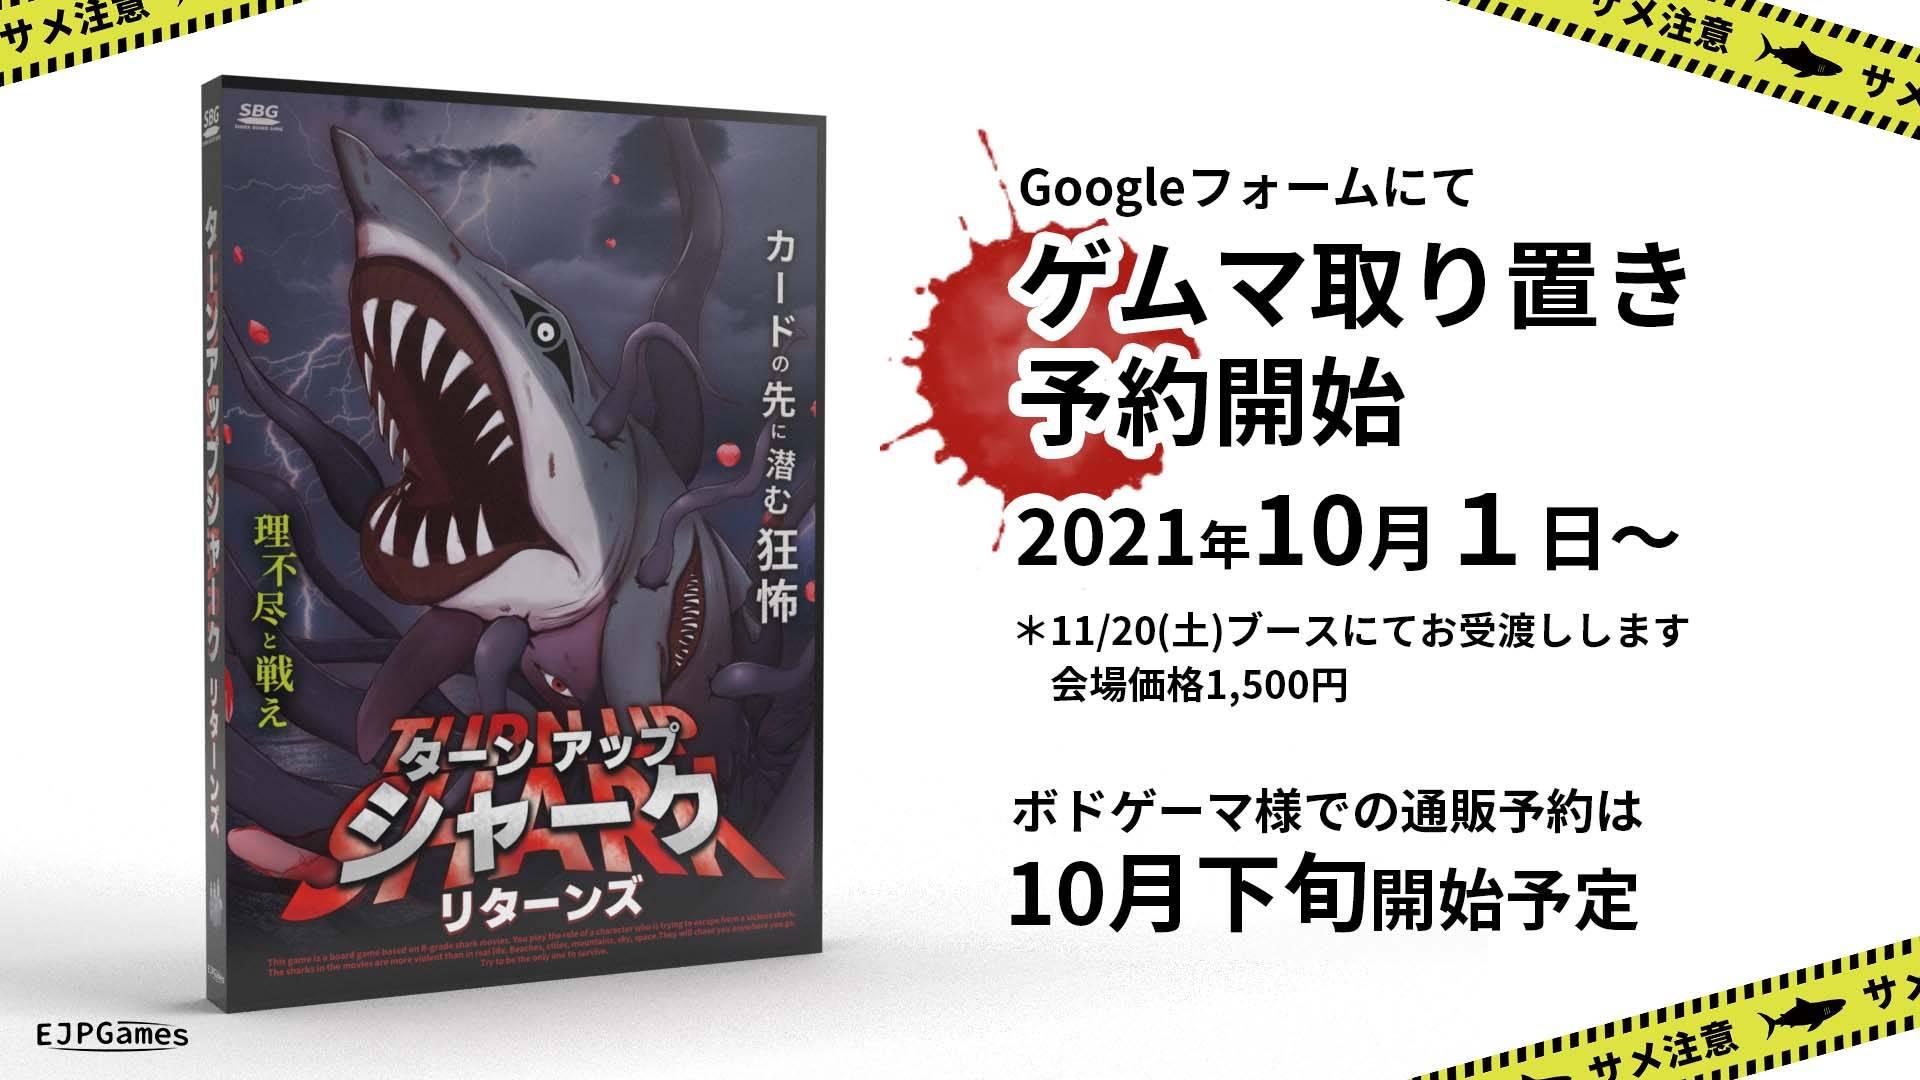 B級サメ映画ボドゲ「ターンアップシャーク リターンズ」 予約開始!